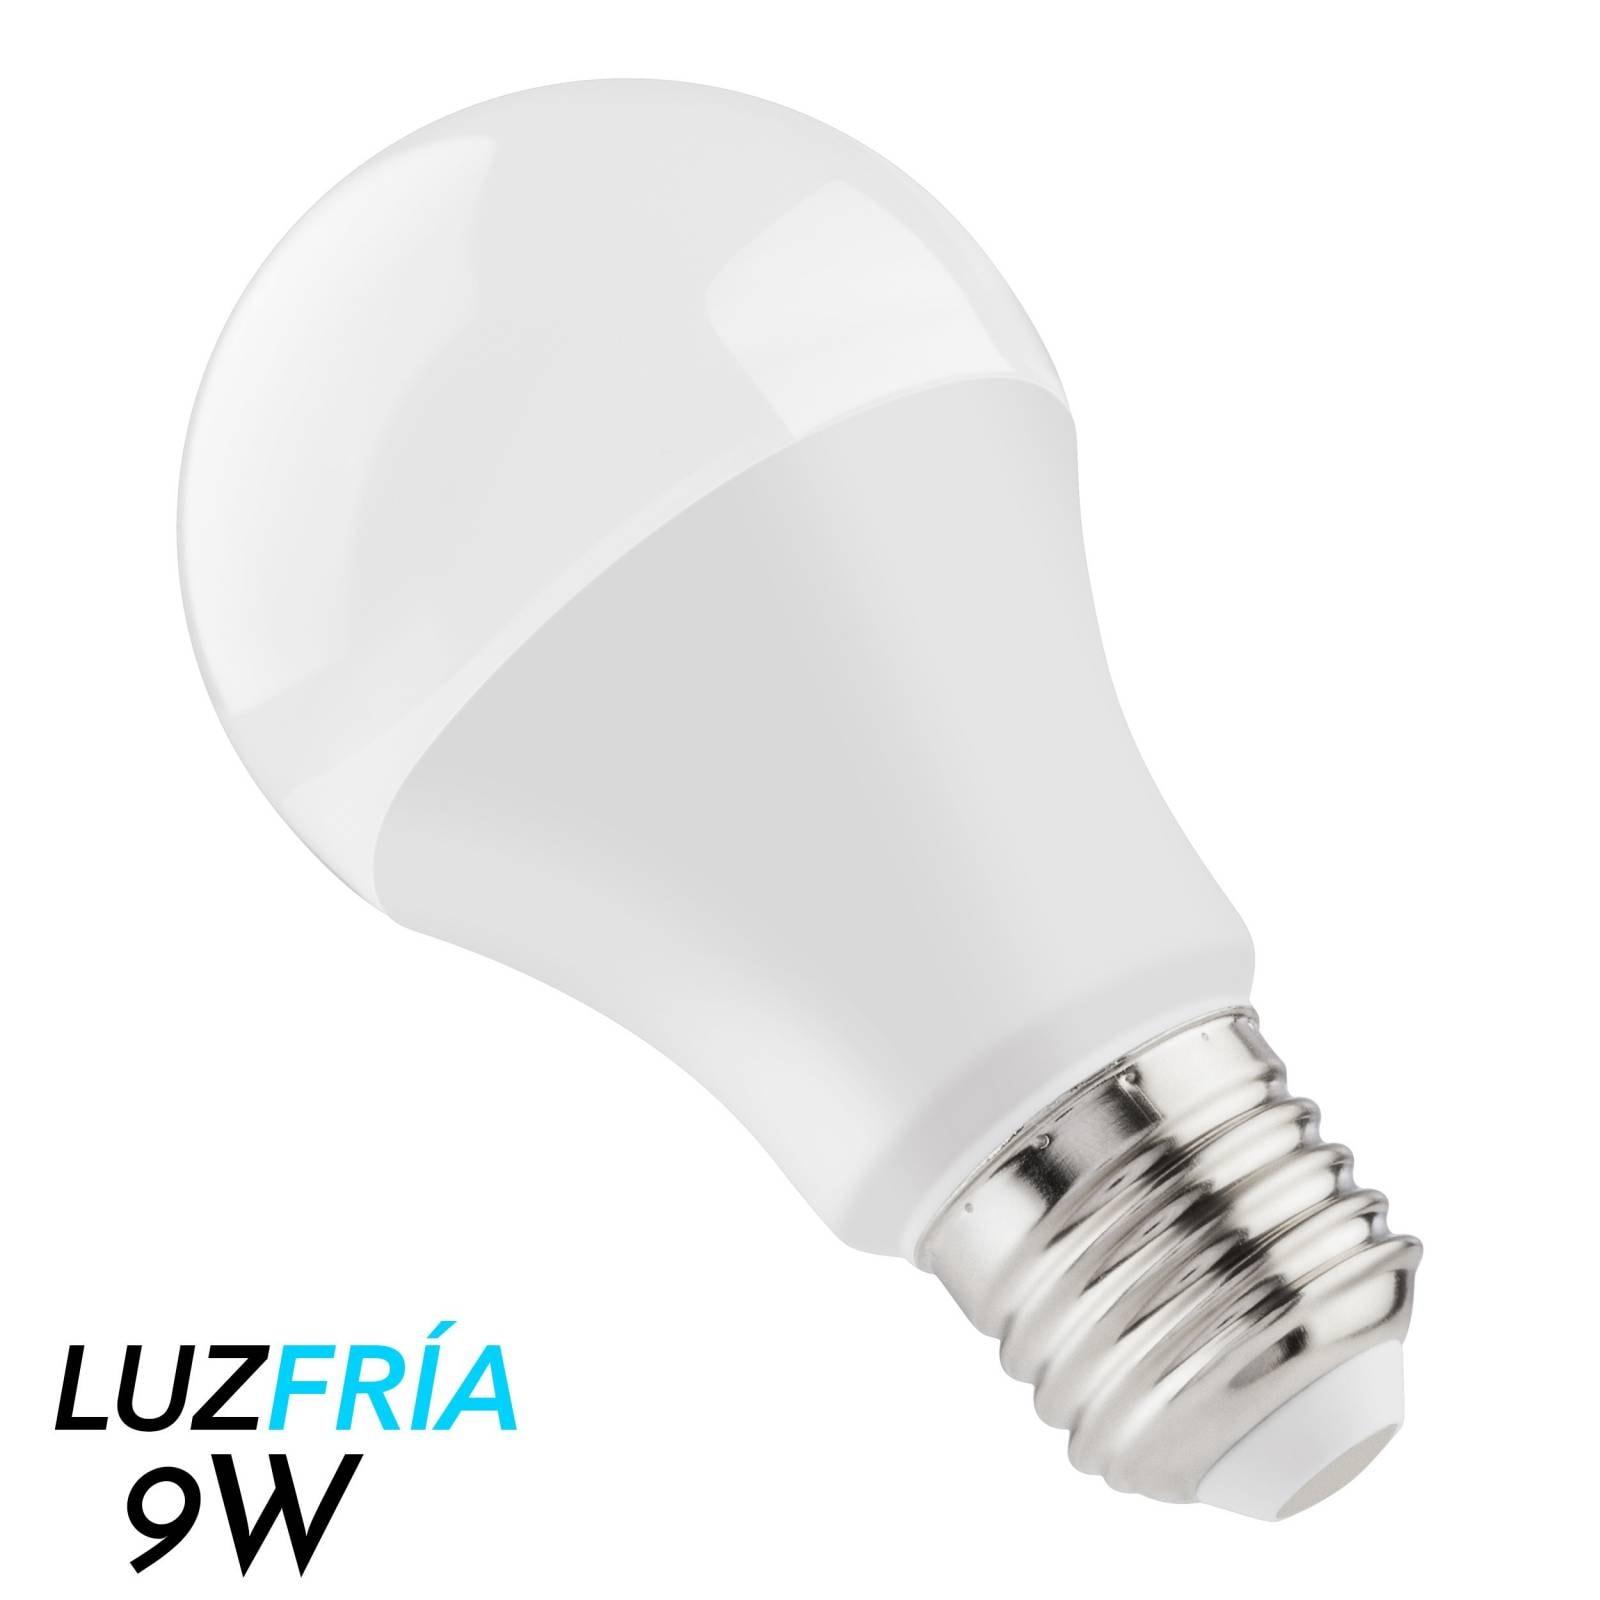 Foco LED de luz fría, 9 W